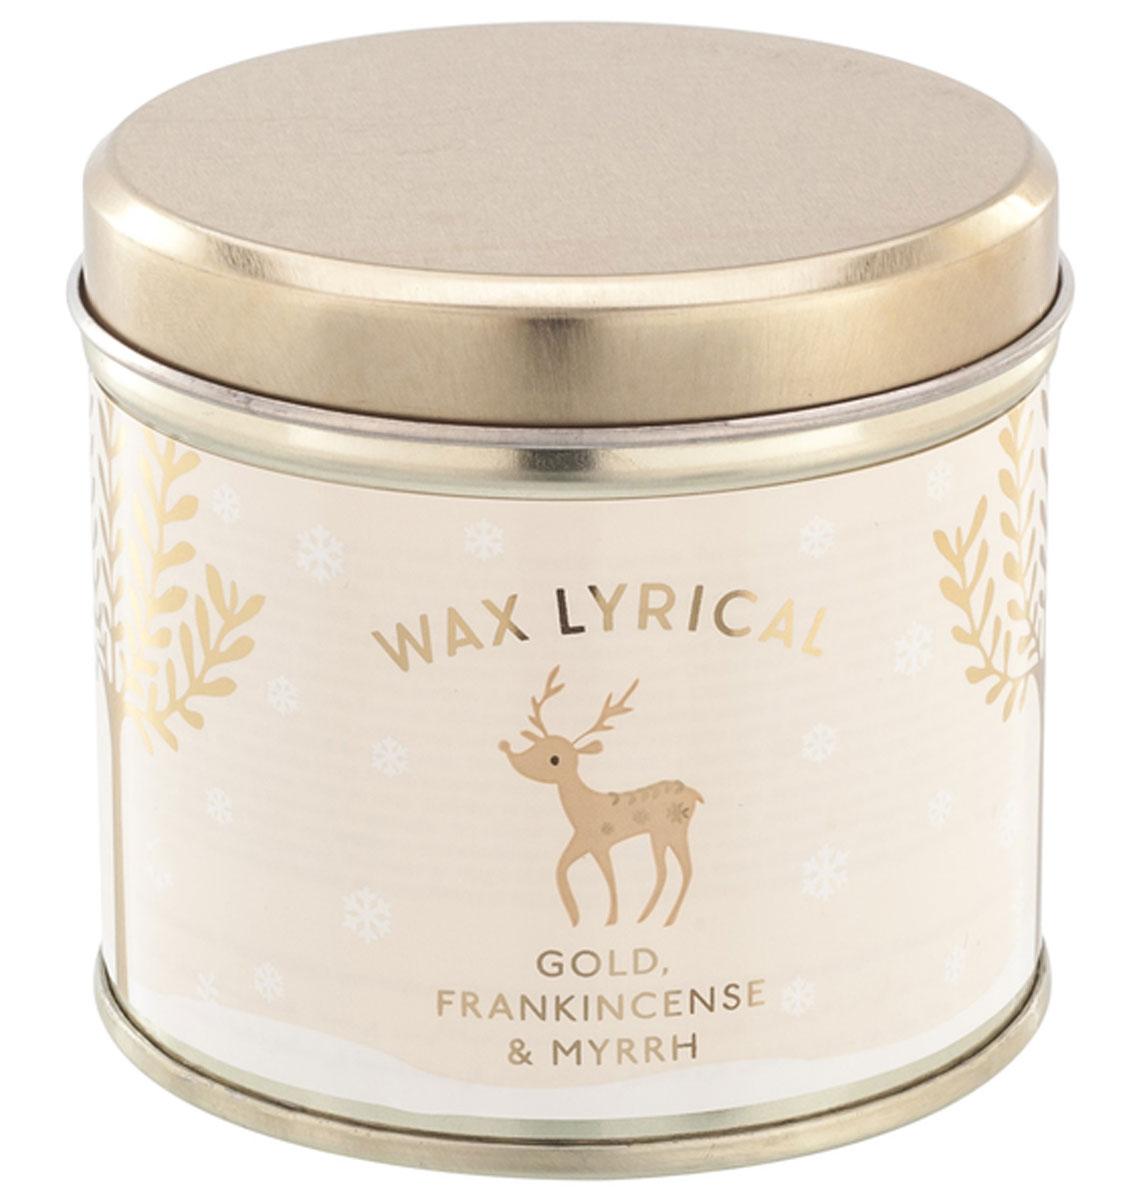 Свеча ароматизированная Wax Lyrical Зимний лес, 220 гCHR2025Богатый аромат, наполняющий пространство бархатными нотами карамели, ванили и цветами жасмина. Интересная теплая композиция, созданная специально для уютных зимних вечеров.